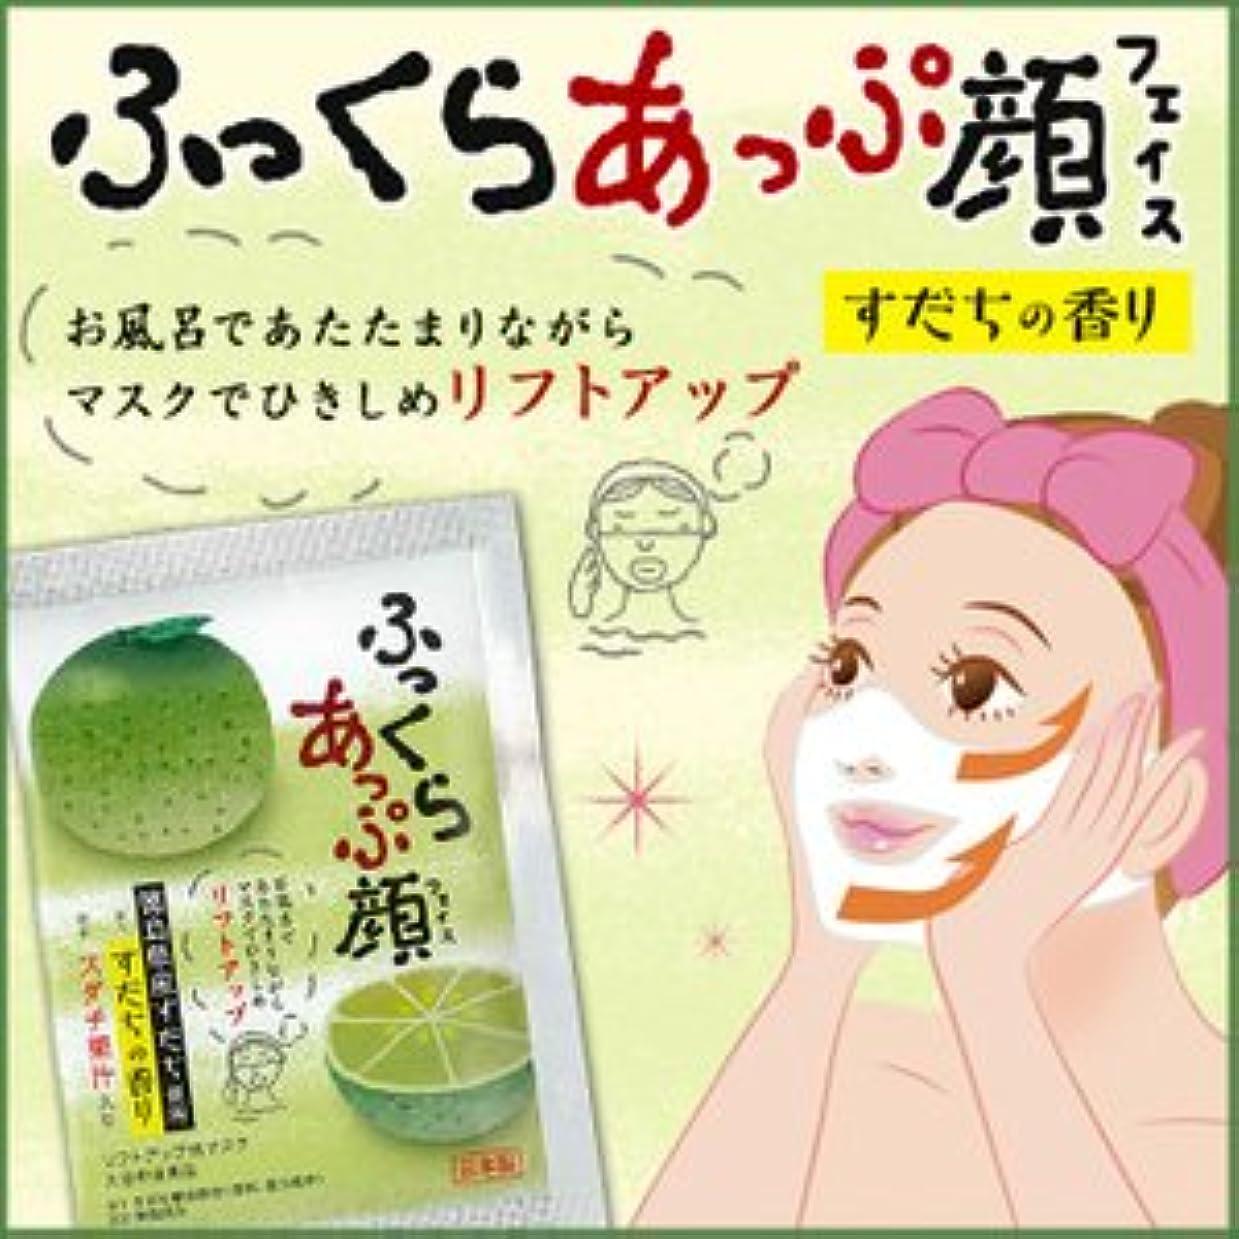 何か遺跡リボンリフトアップ フェイスマスク すだちの香り(20ml×1×7枚)